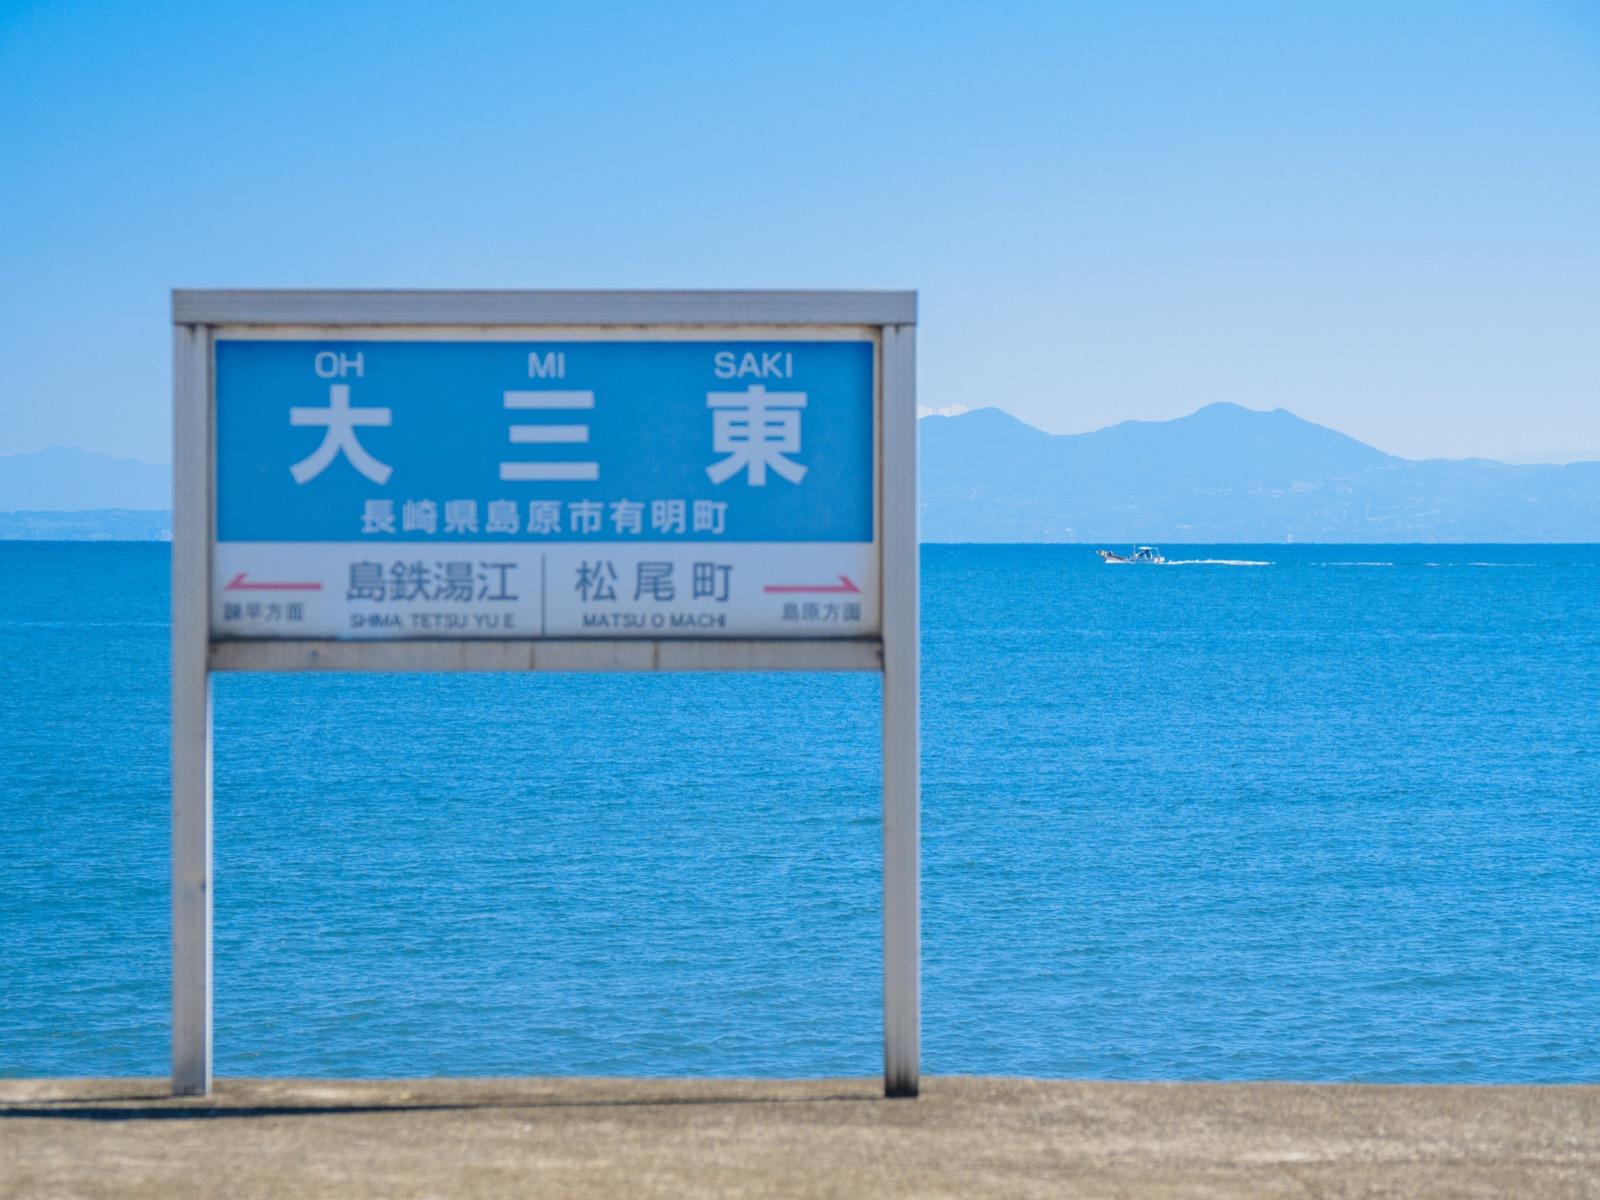 大三東駅のホームから見た熊本・阿蘇の山々